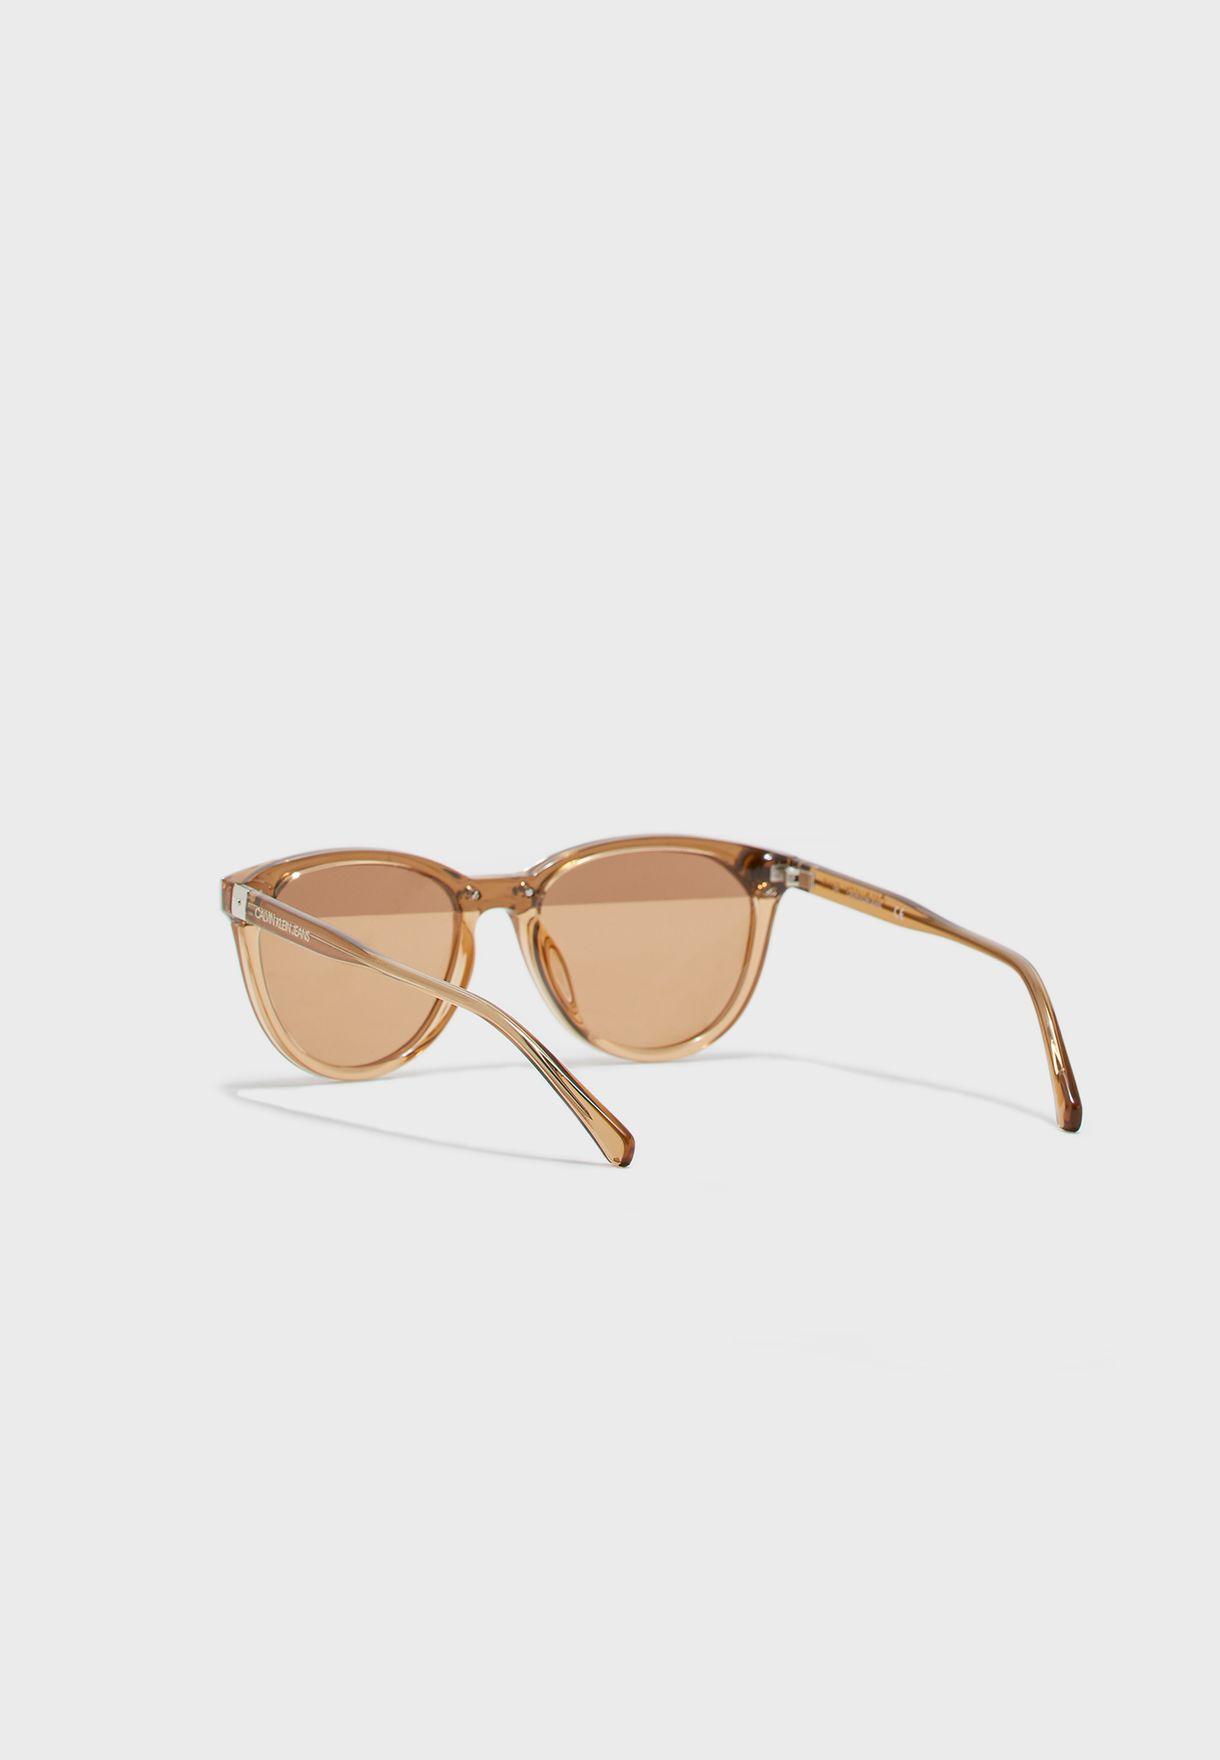 نظارة شمسية بيضاوية